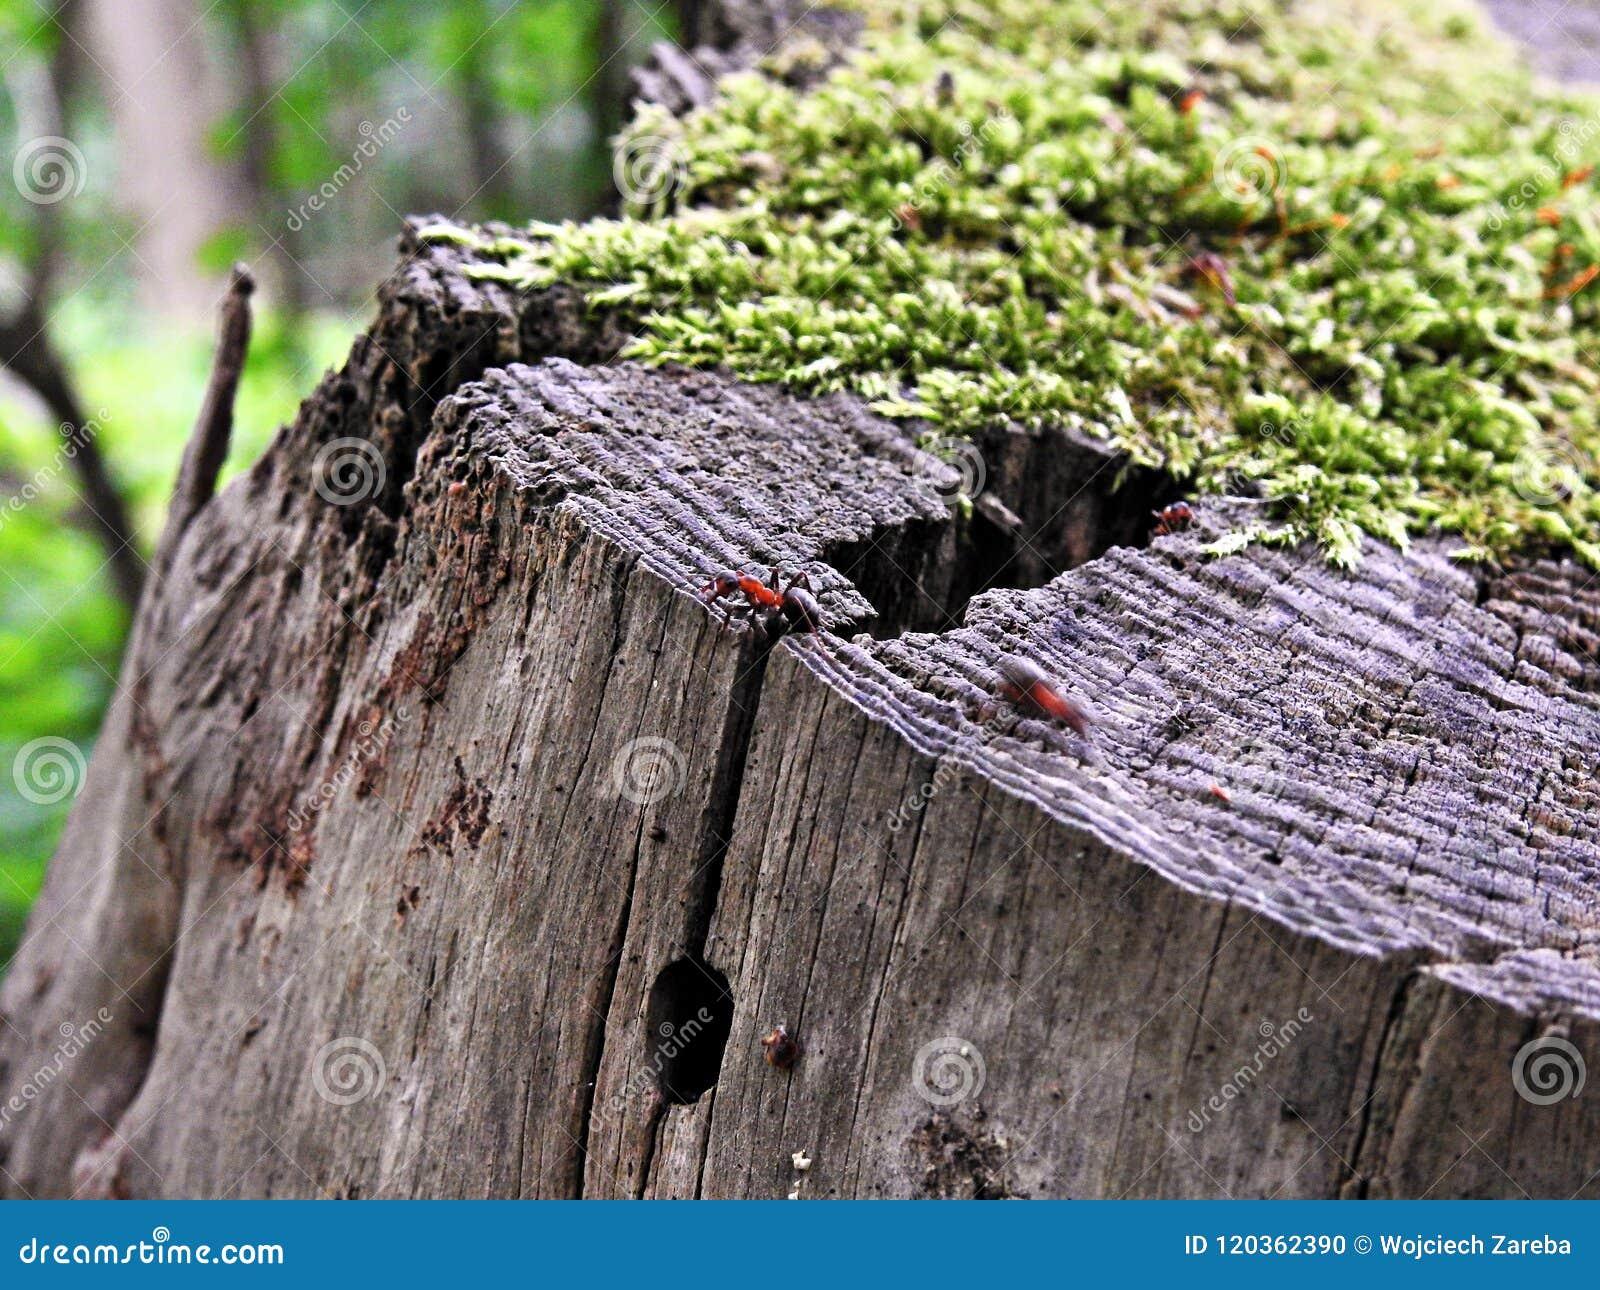 Ameise auf einem Moos bedeckte Baumstamm